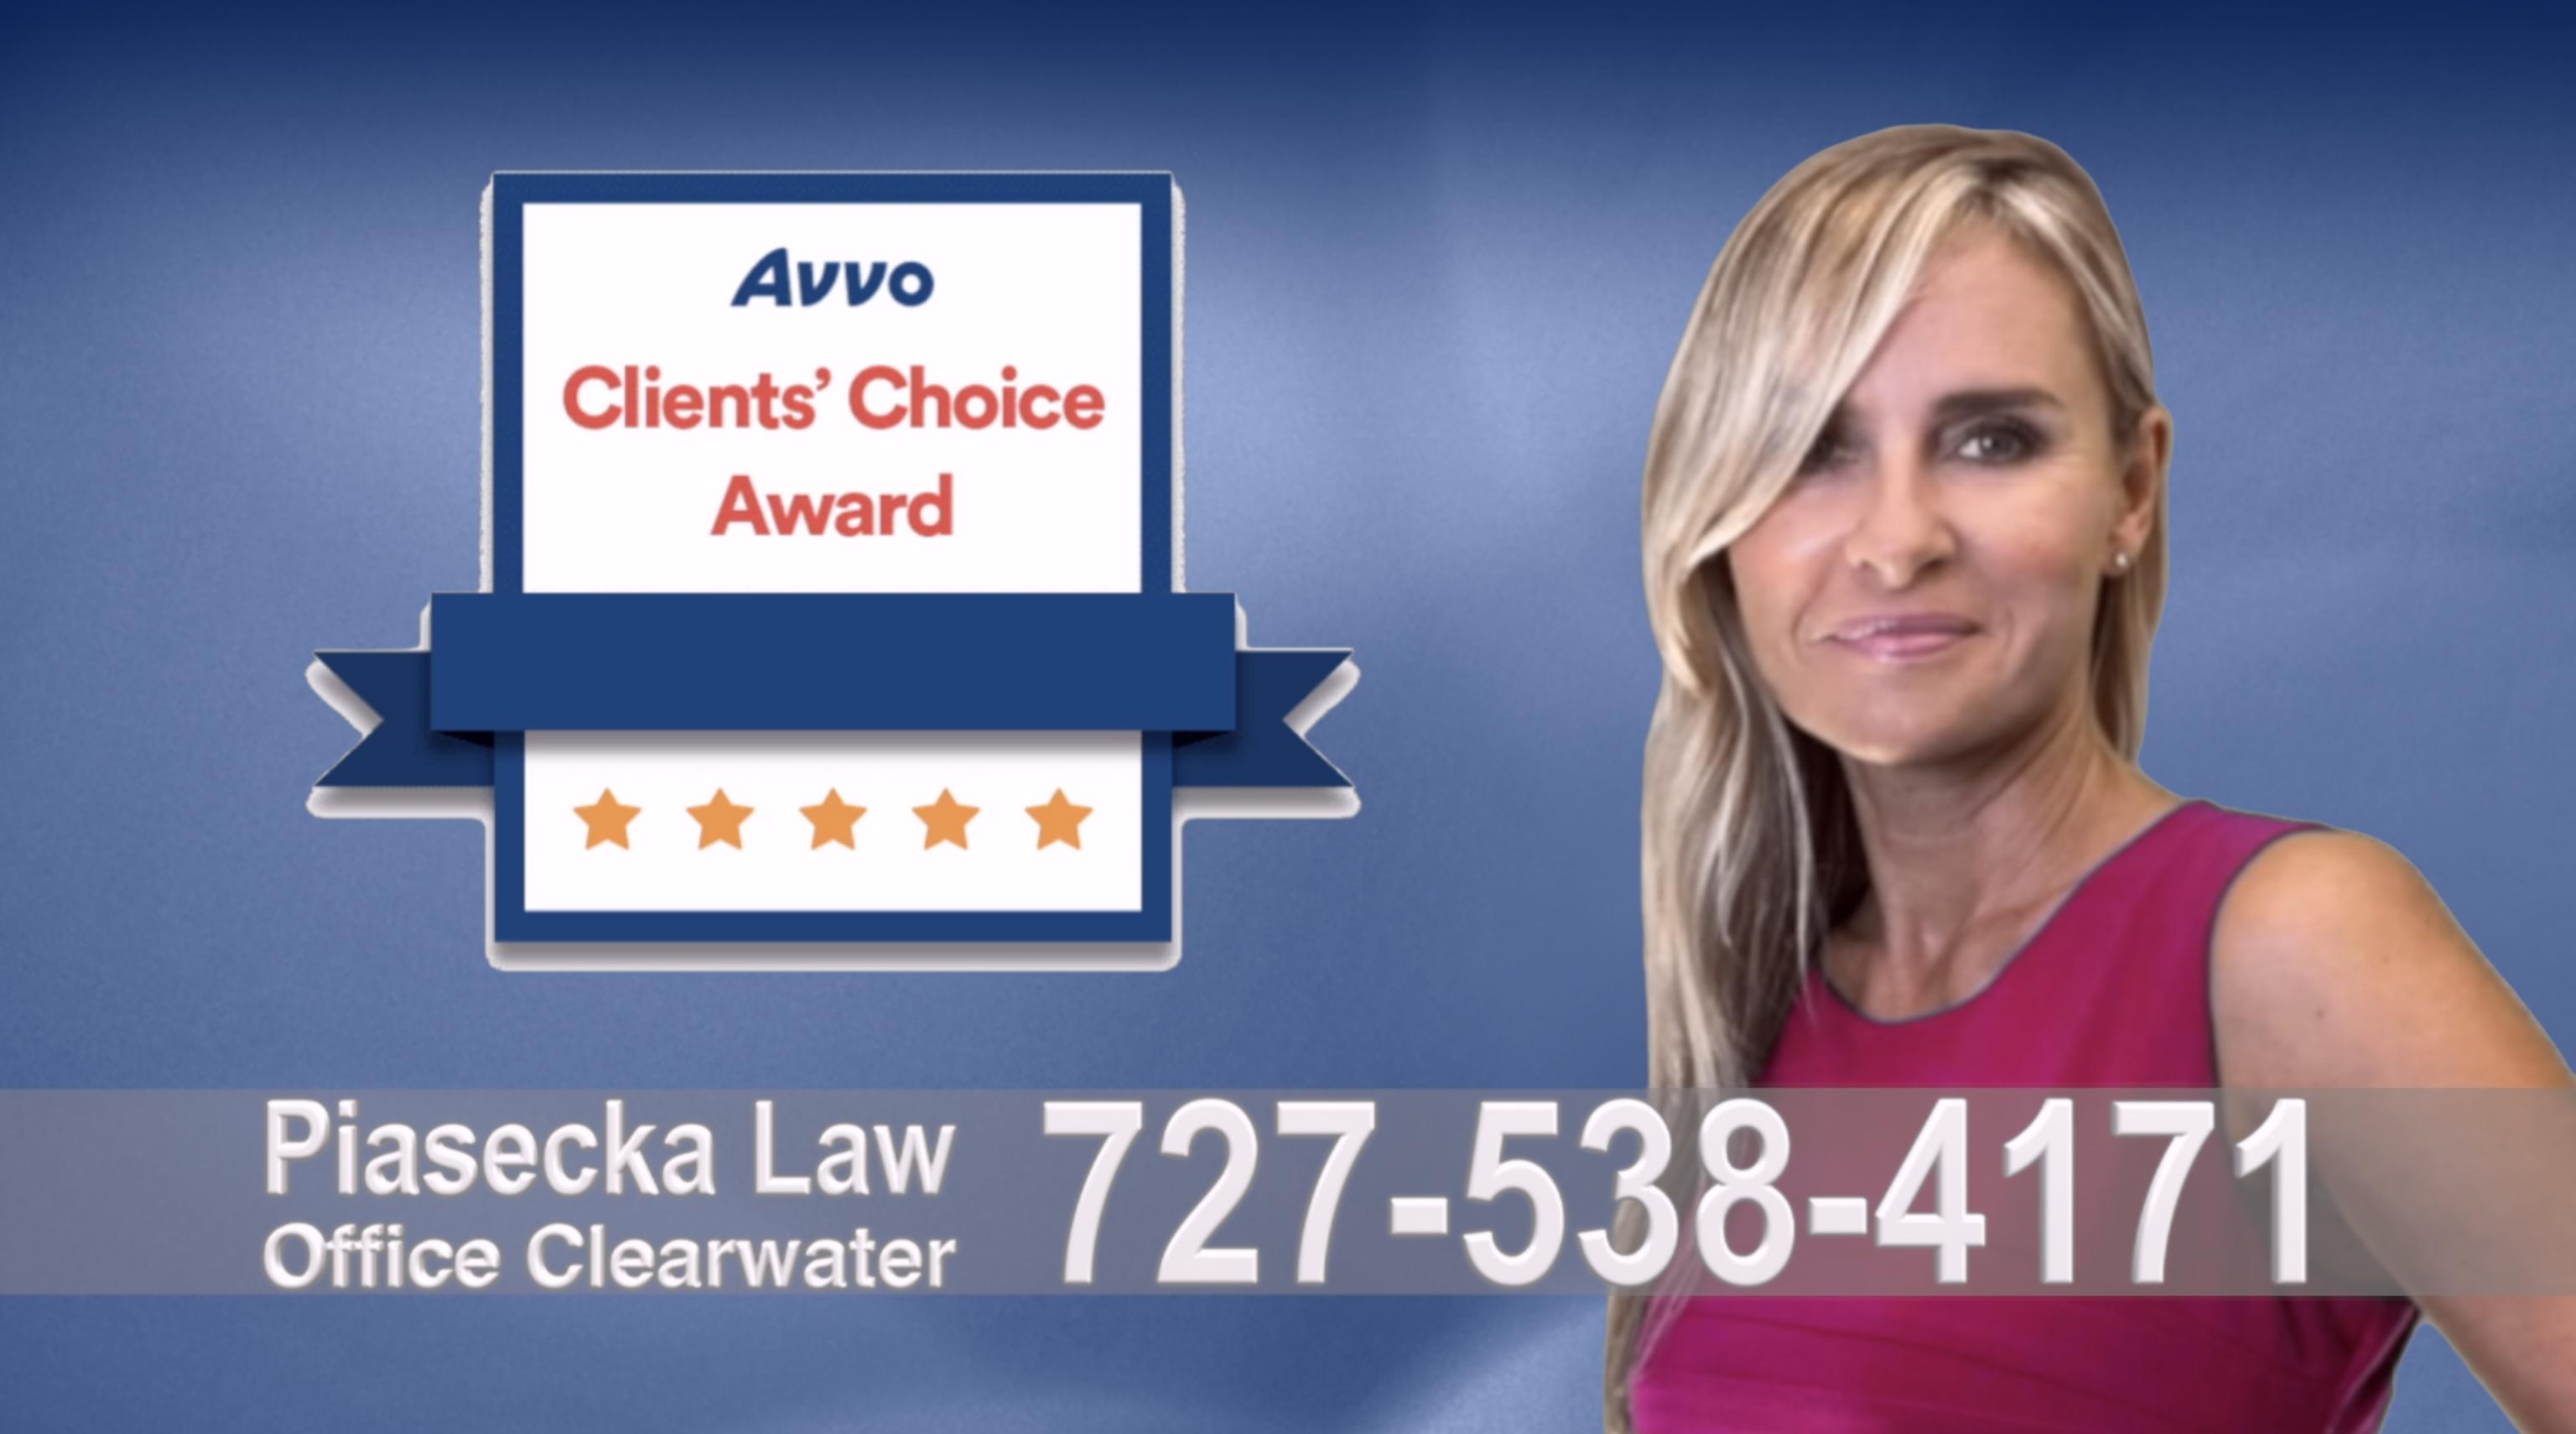 Real Estate Lawyer Florida Avvo, Clients, Choice Award, Reviews, Opinie, Agnieszka, Aga, Piasecka, Polish, Lawyer, Attorney, Opinie klientów, Best, Najlepszy, Polskojęzyczny, Prawnik, Polski, Adwokat, Florida, Floryda, USA